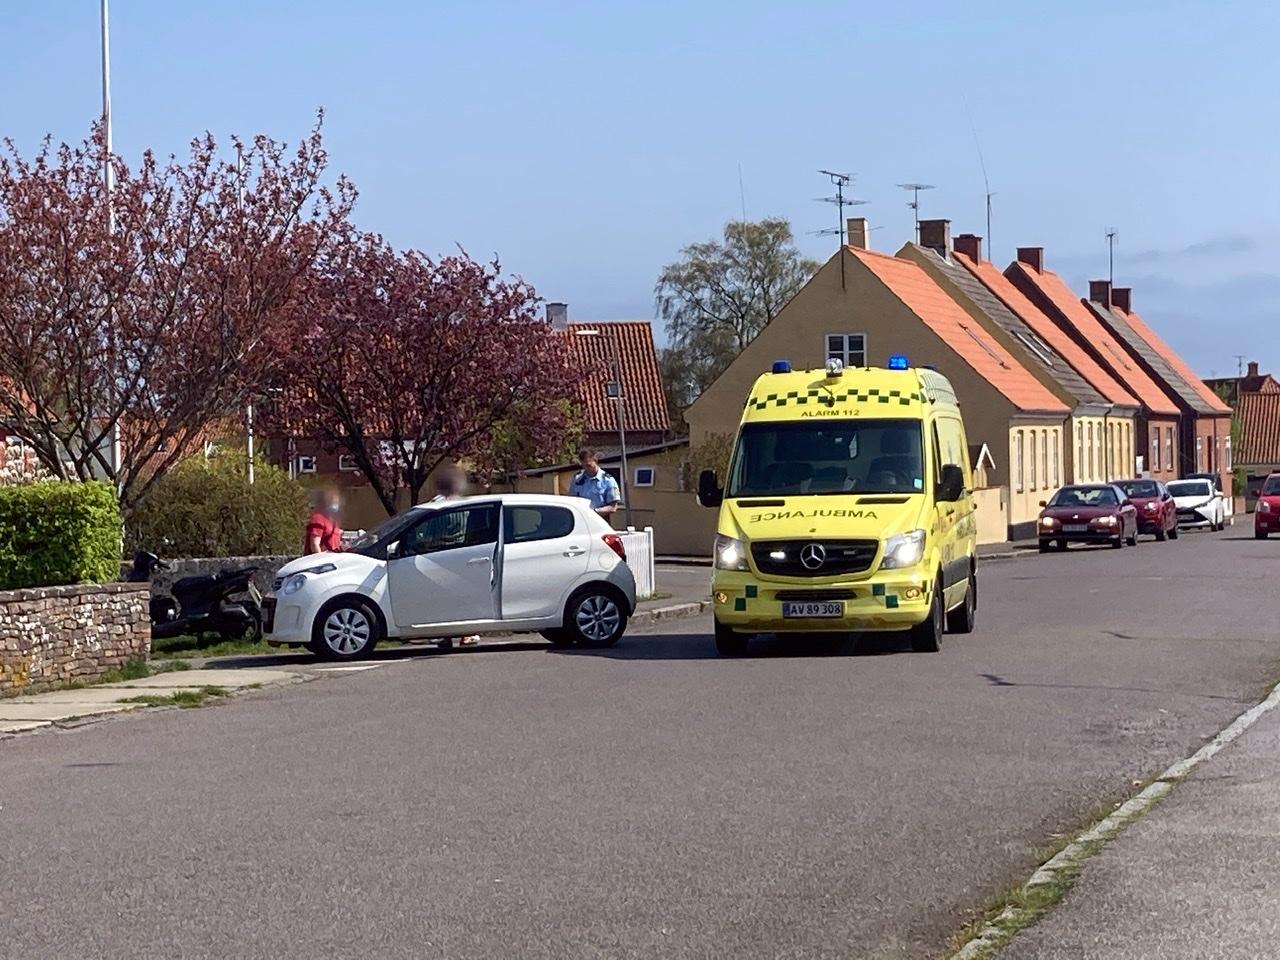 Knallert og bil i ulykke ved Nexø på Bornholm